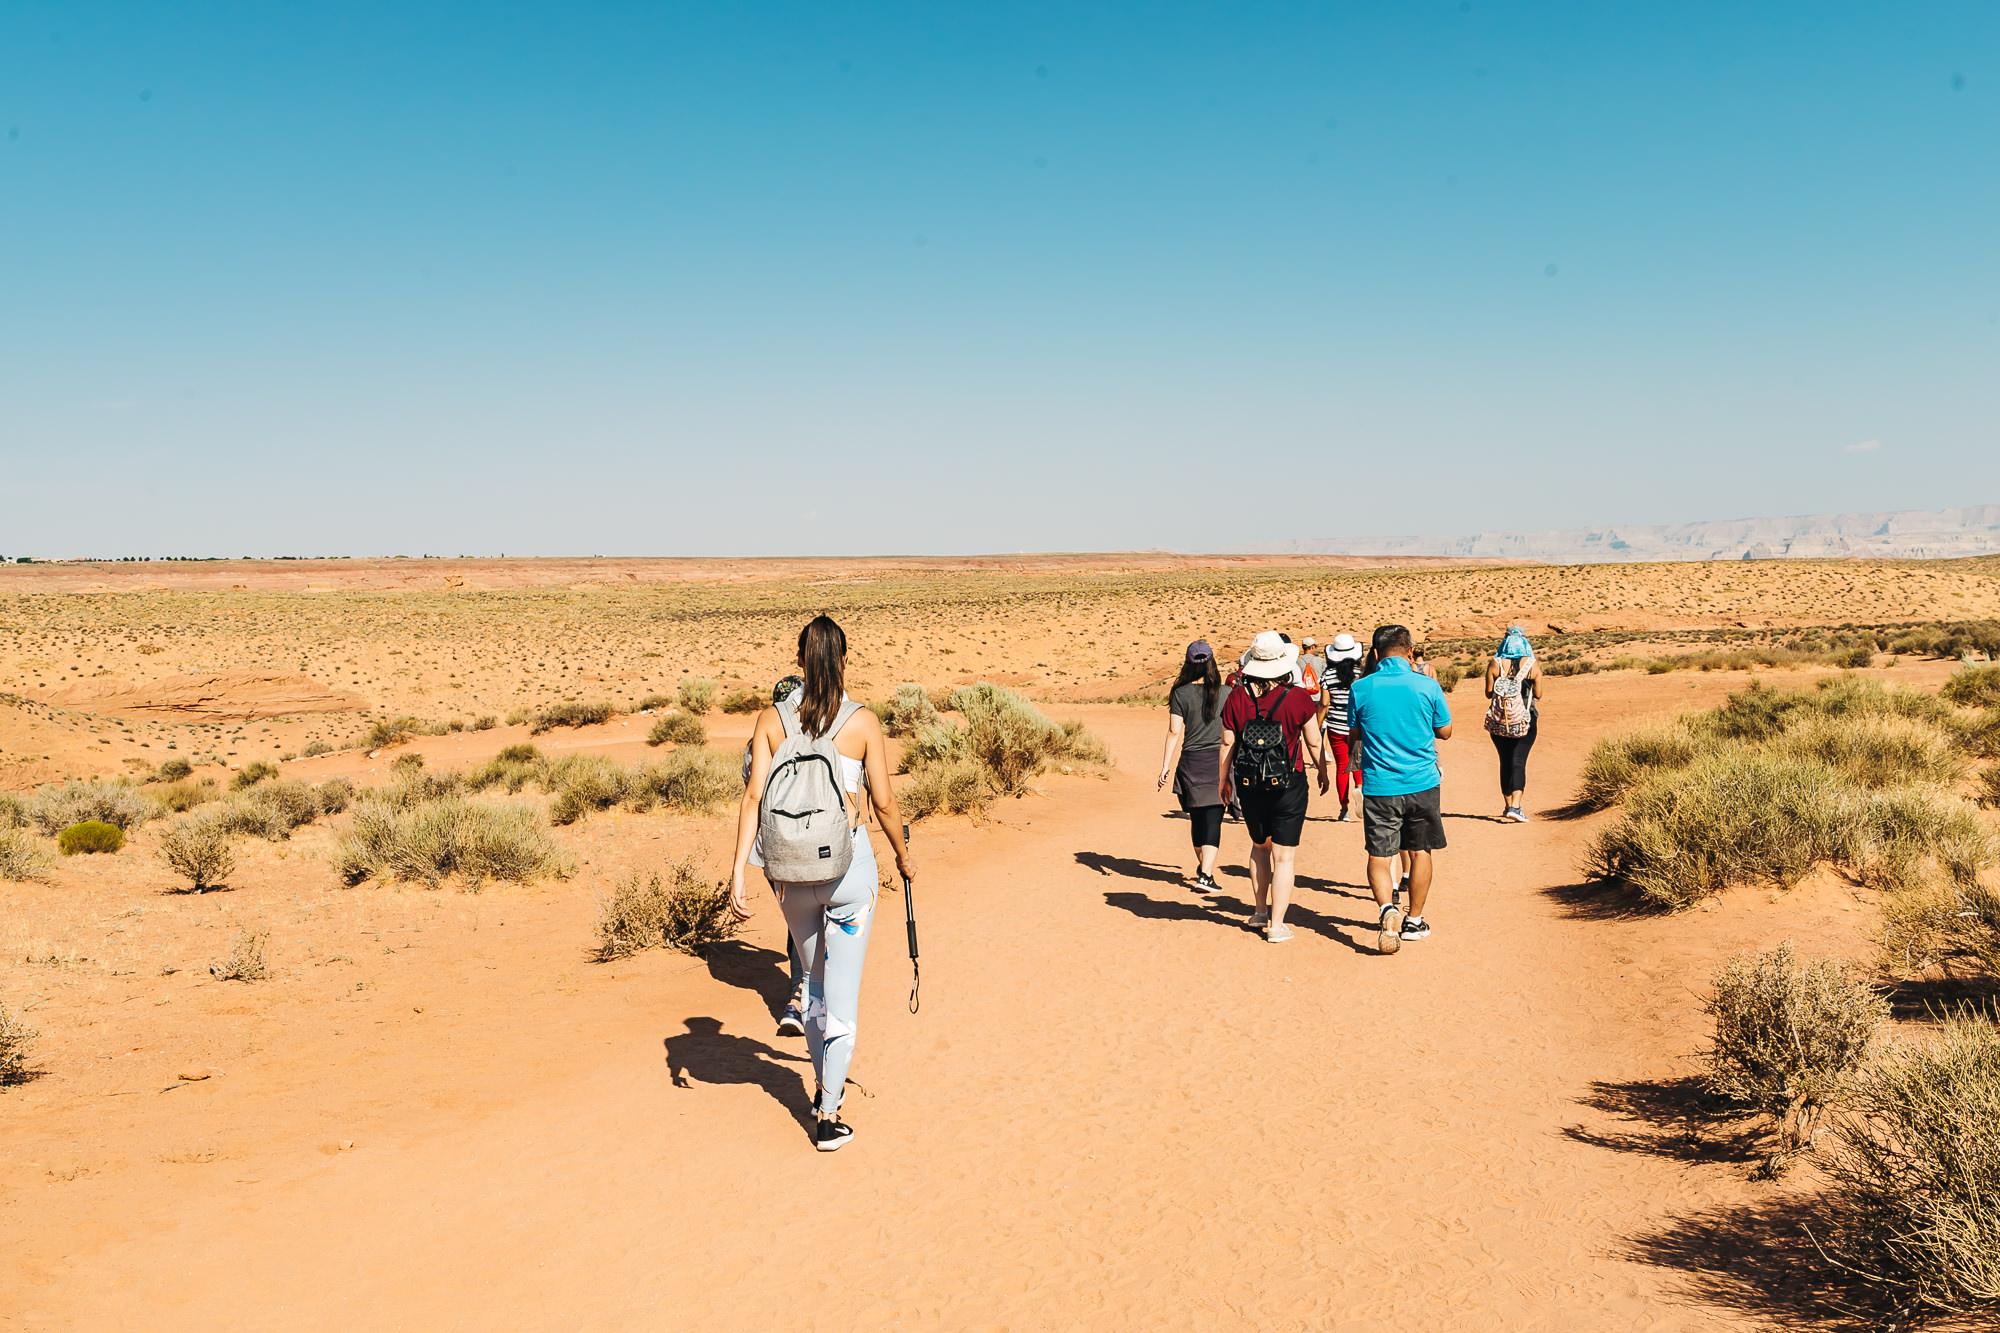 Taking a short walk to Lower Antelope Canyon